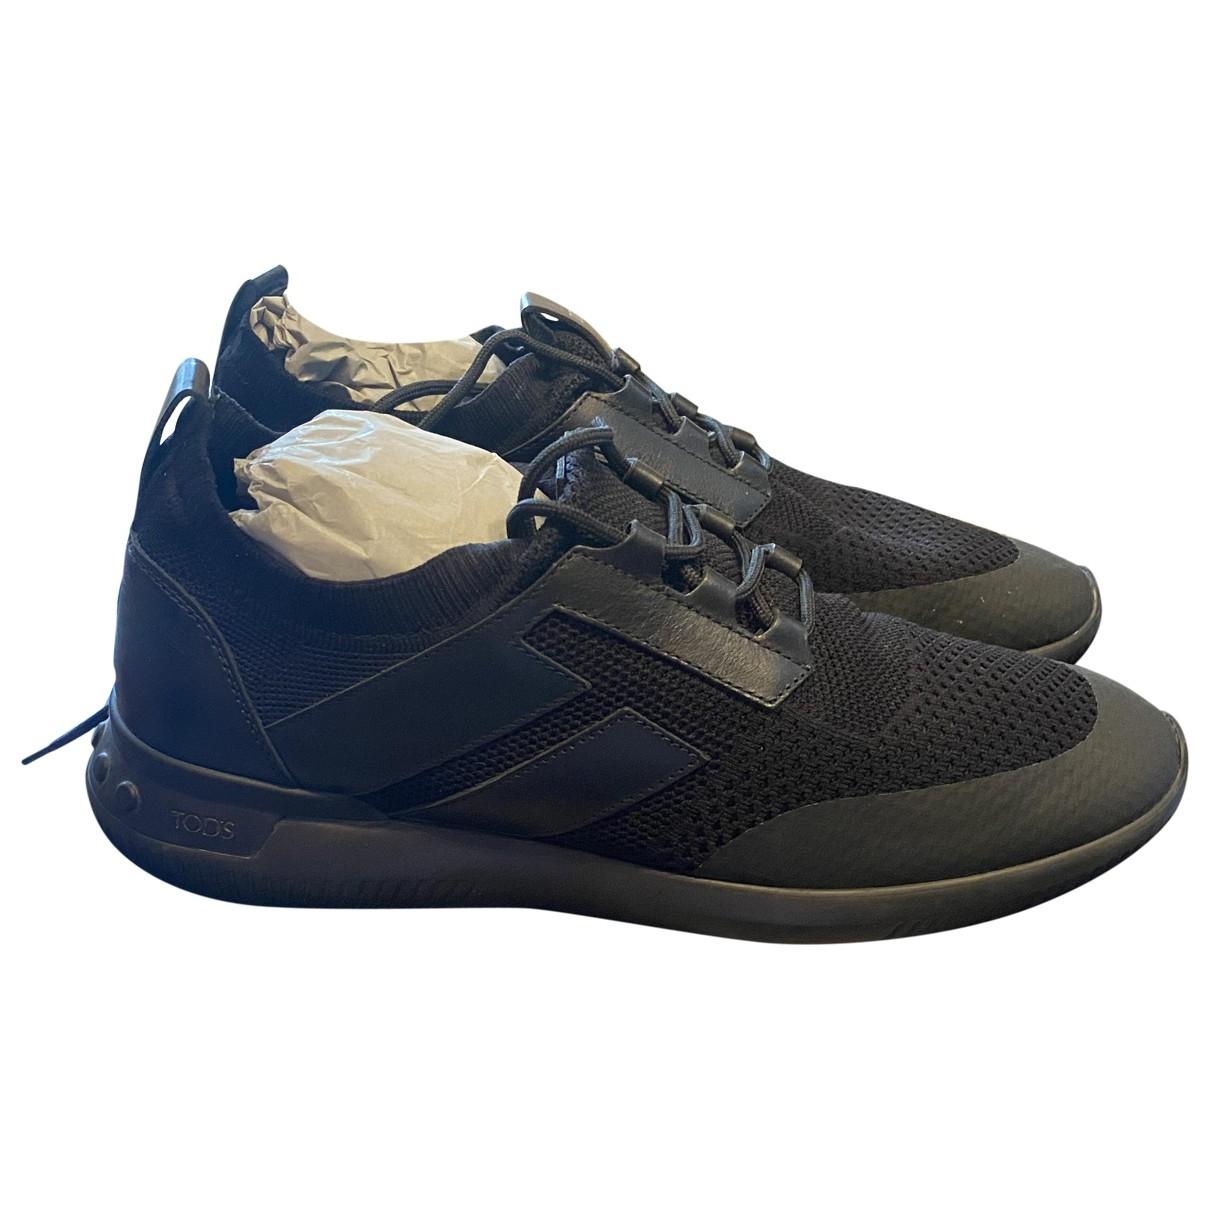 Tods - Baskets   pour homme - noir